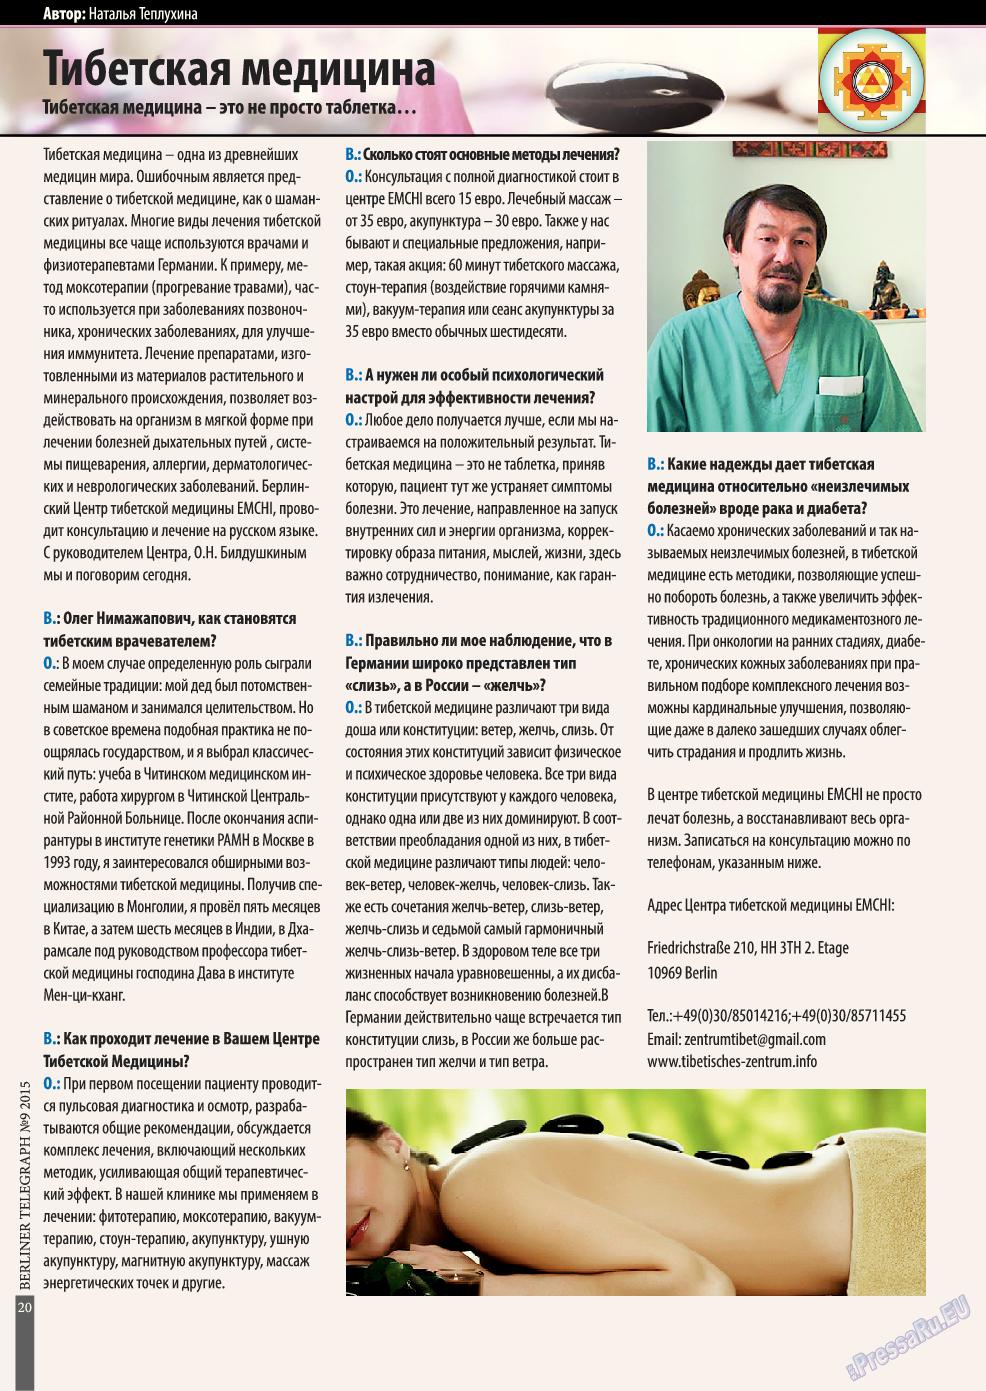 Берлинский телеграф (журнал). 2015 год, номер 9, стр. 20